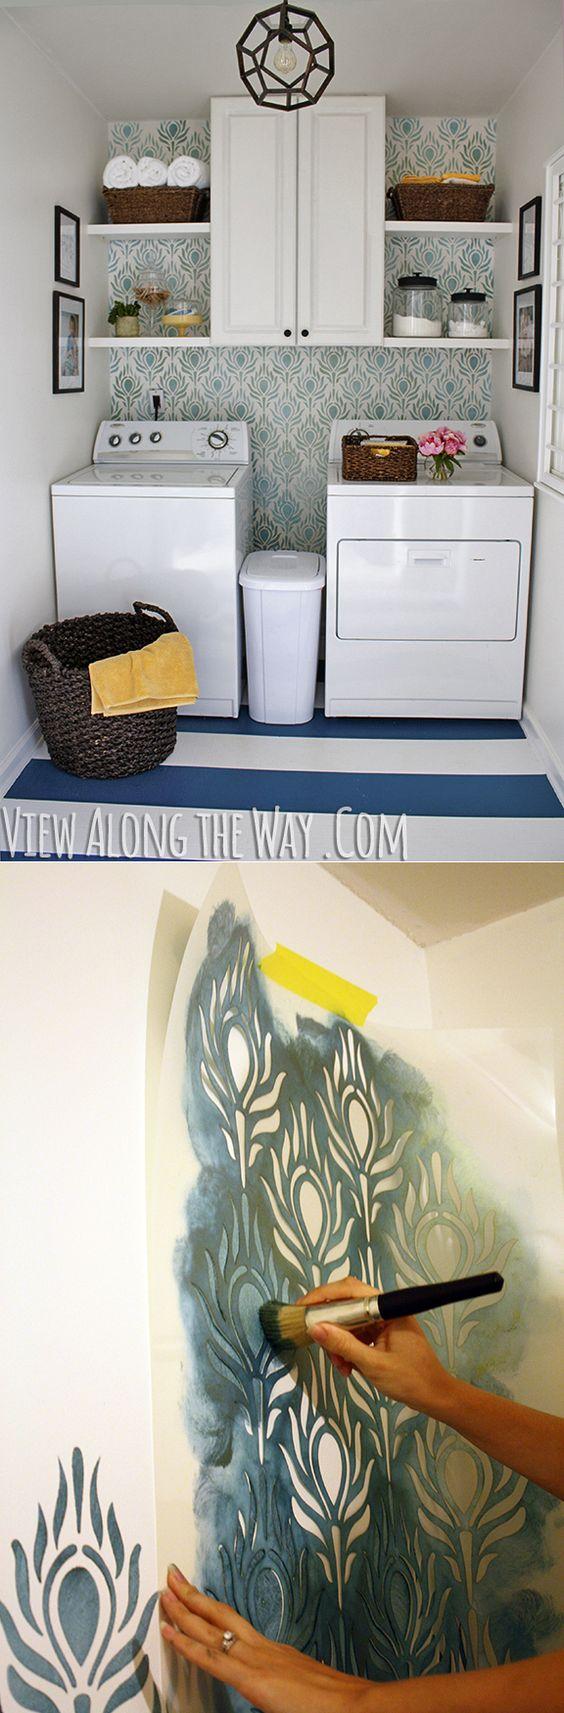 Cuarto de lavanderia practico ideas pinterest for Cuarto lavanderia